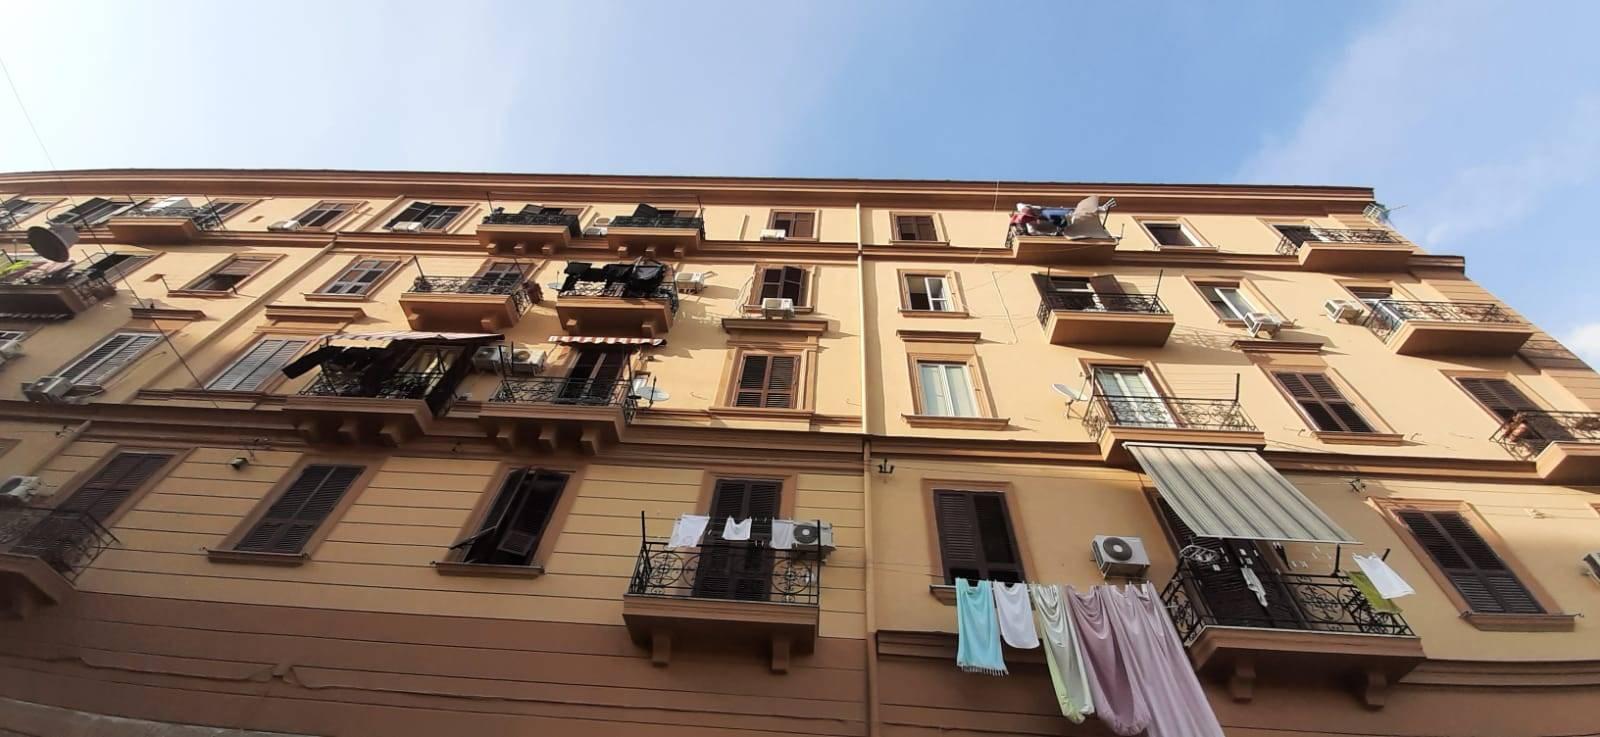 AppartamentoaNAPOLI